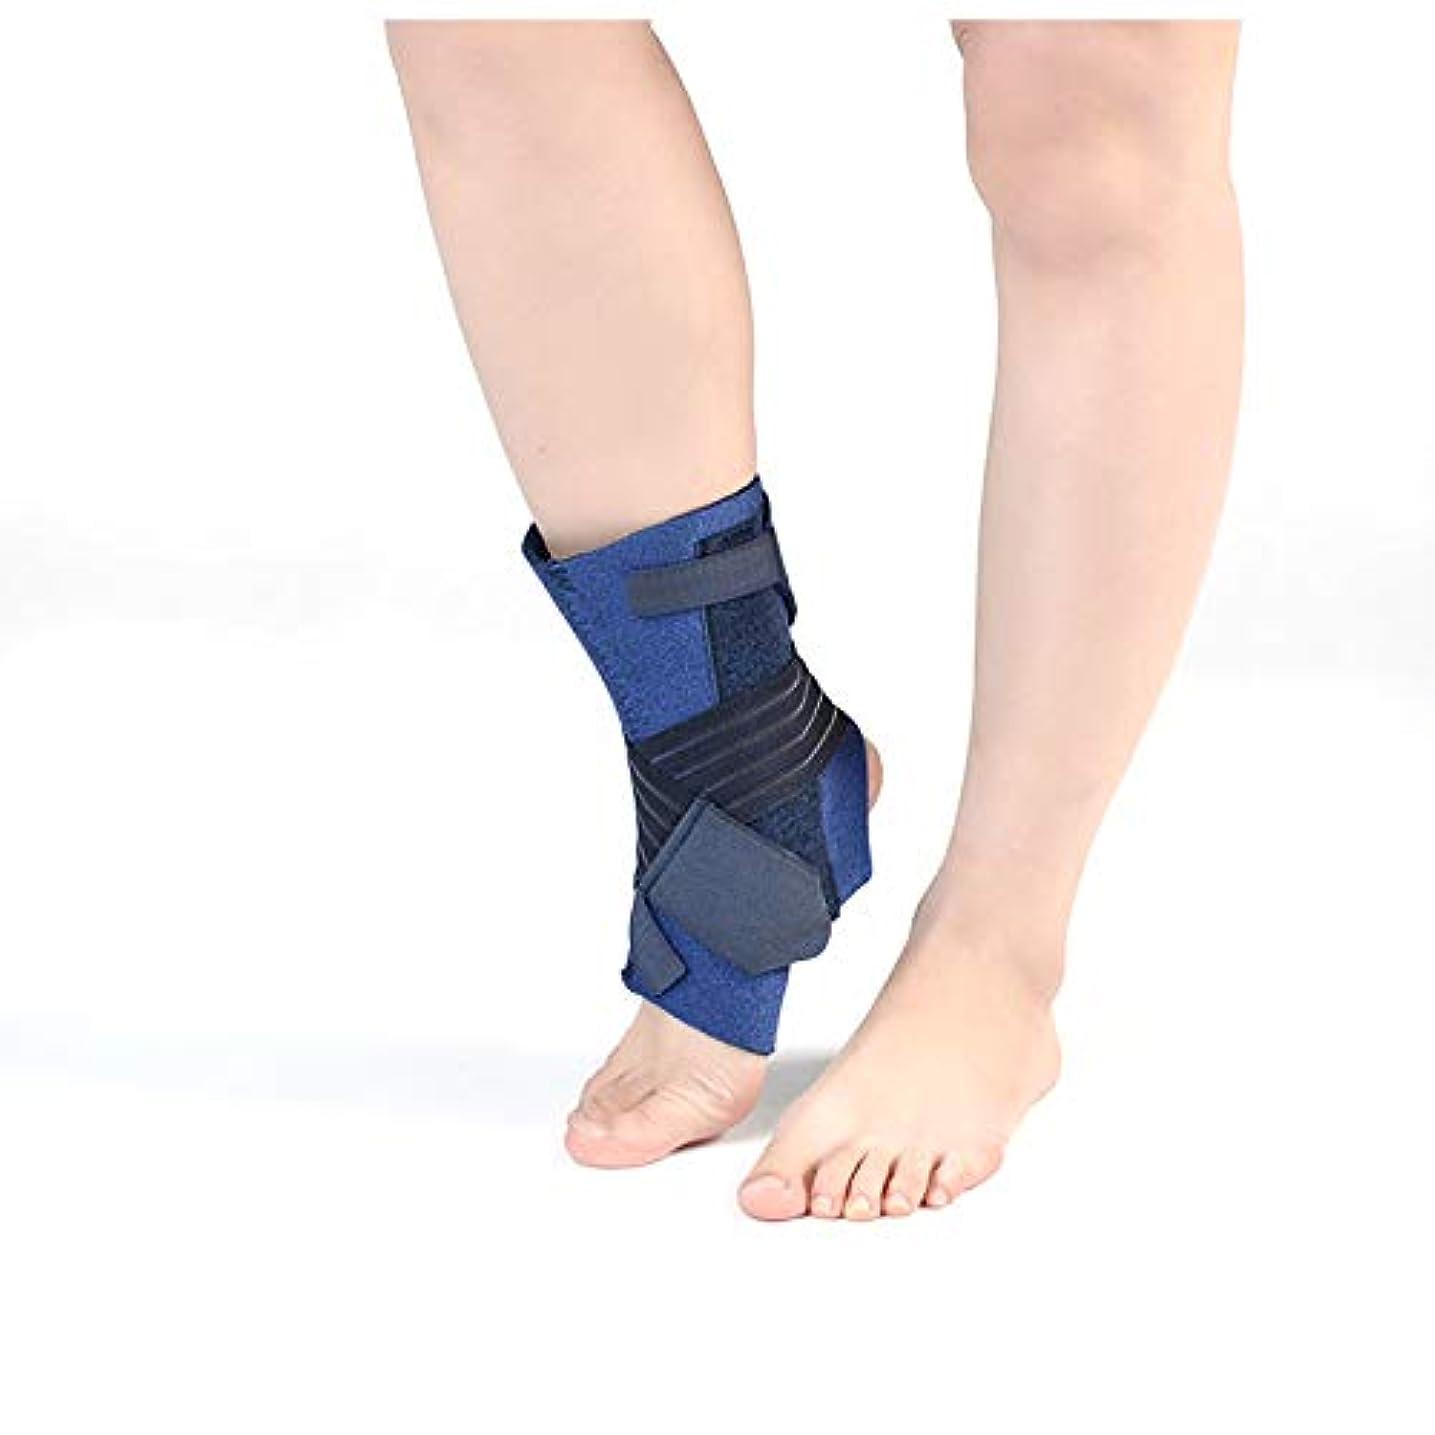 カプラー行進伝説足首サポート、男性/女性用の調節可能なベルクロ足首ブレース、スポーツ用足首ラップ、捻rain、靭帯損傷、アキレス腱、関節炎,S